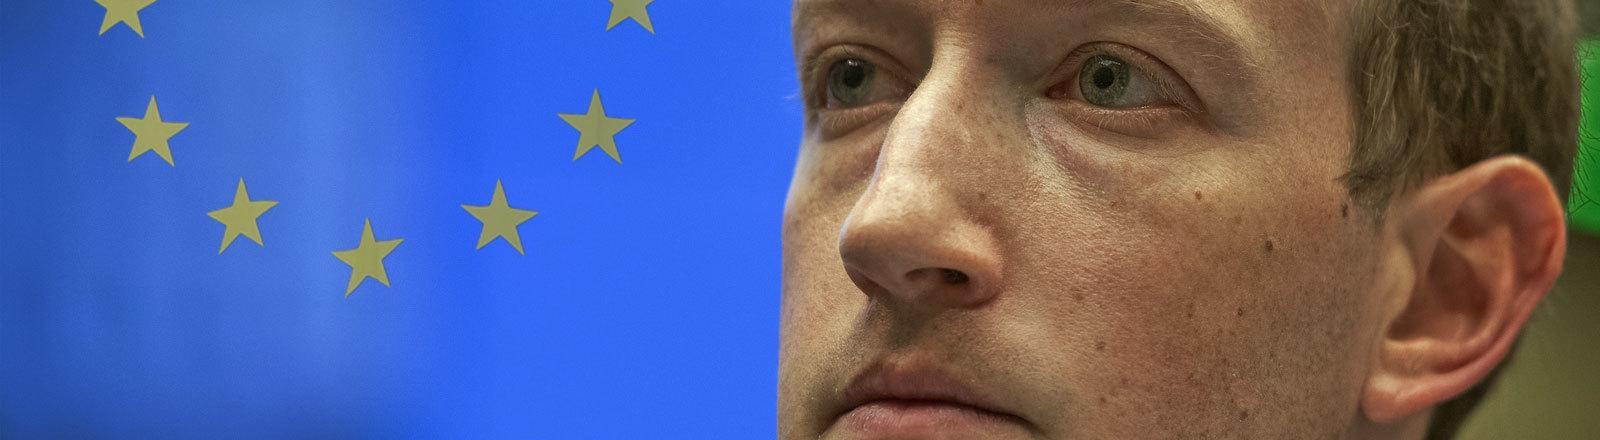 Mark Zuckerberg schaut skeptisch in Richtung einer Europaflagge (Collage)